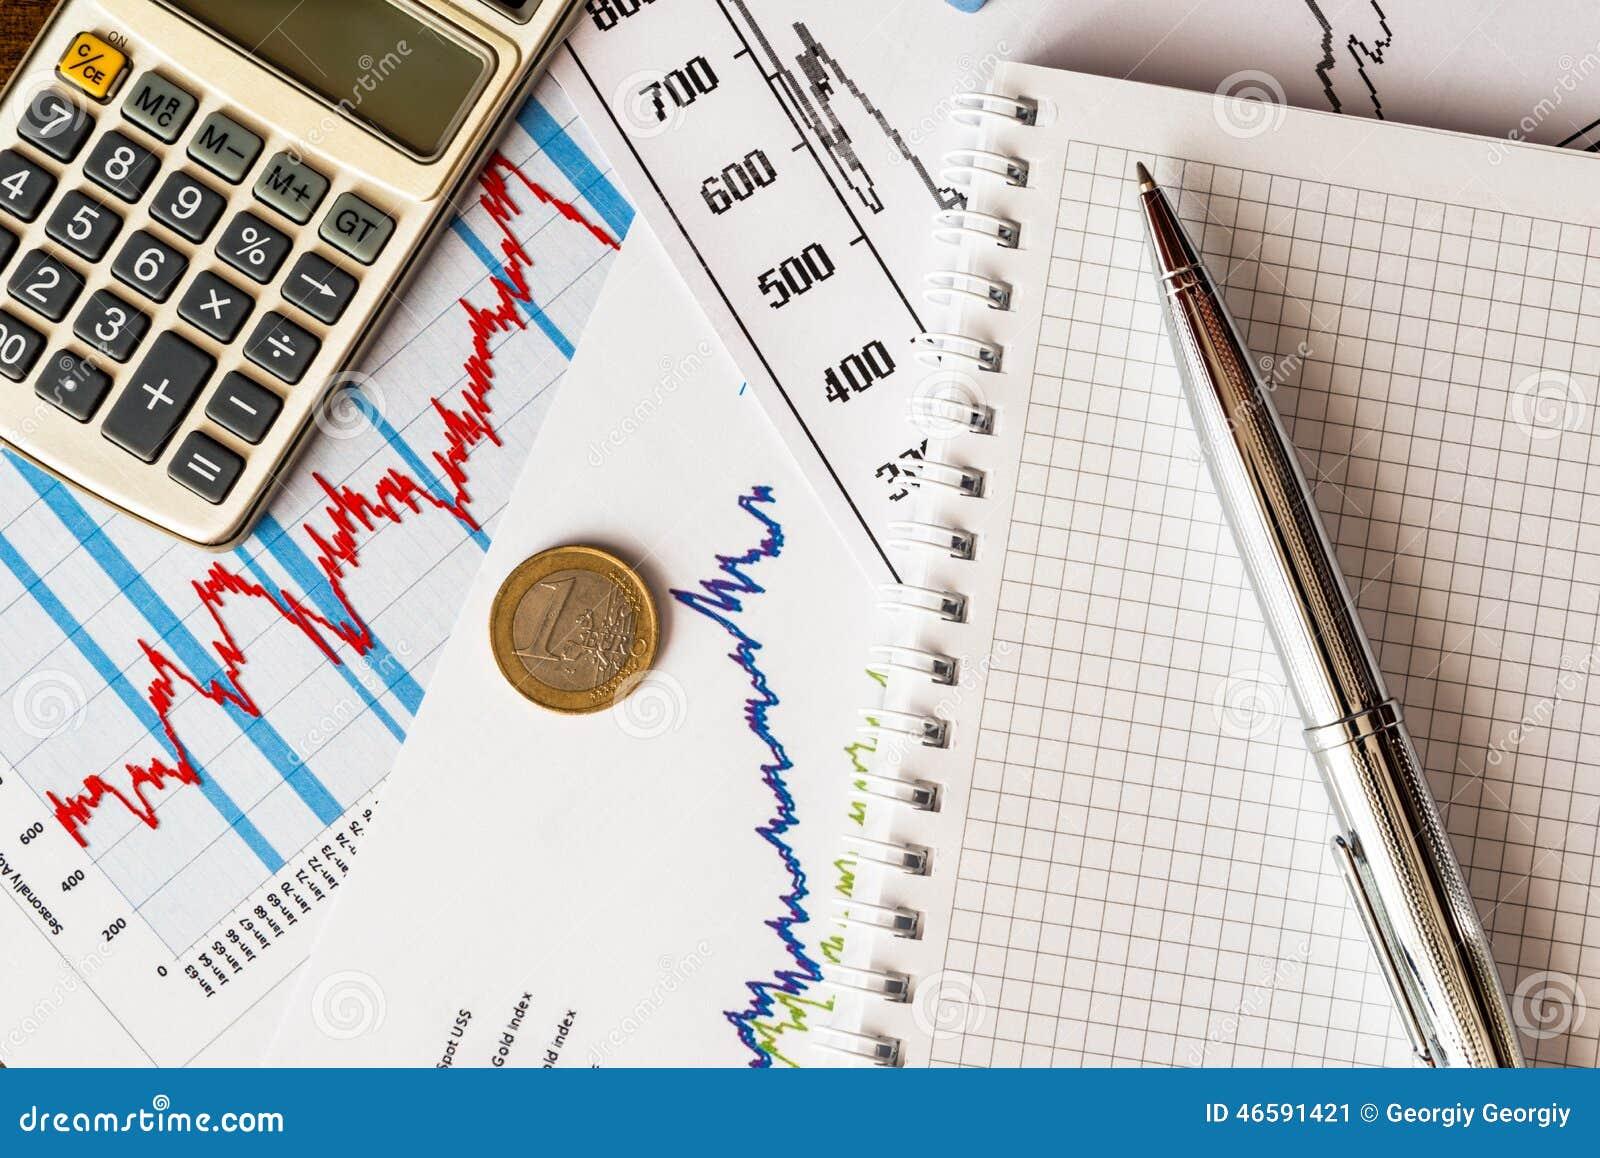 Handel drijvend voorraden en geld